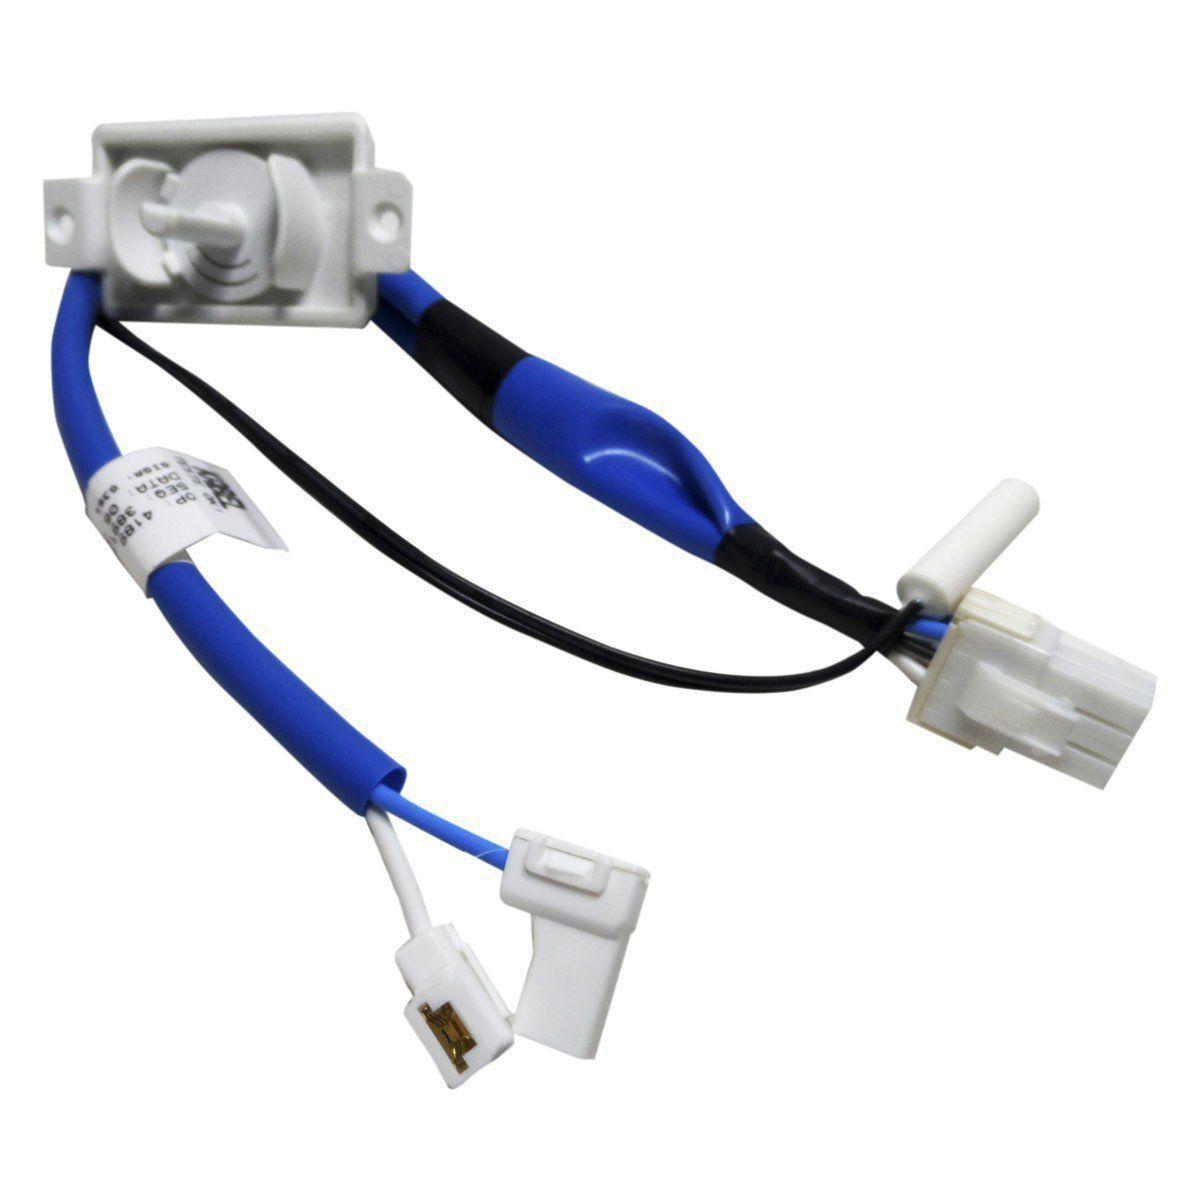 Sensor Degelo Refrigerador Electrolux 64594021